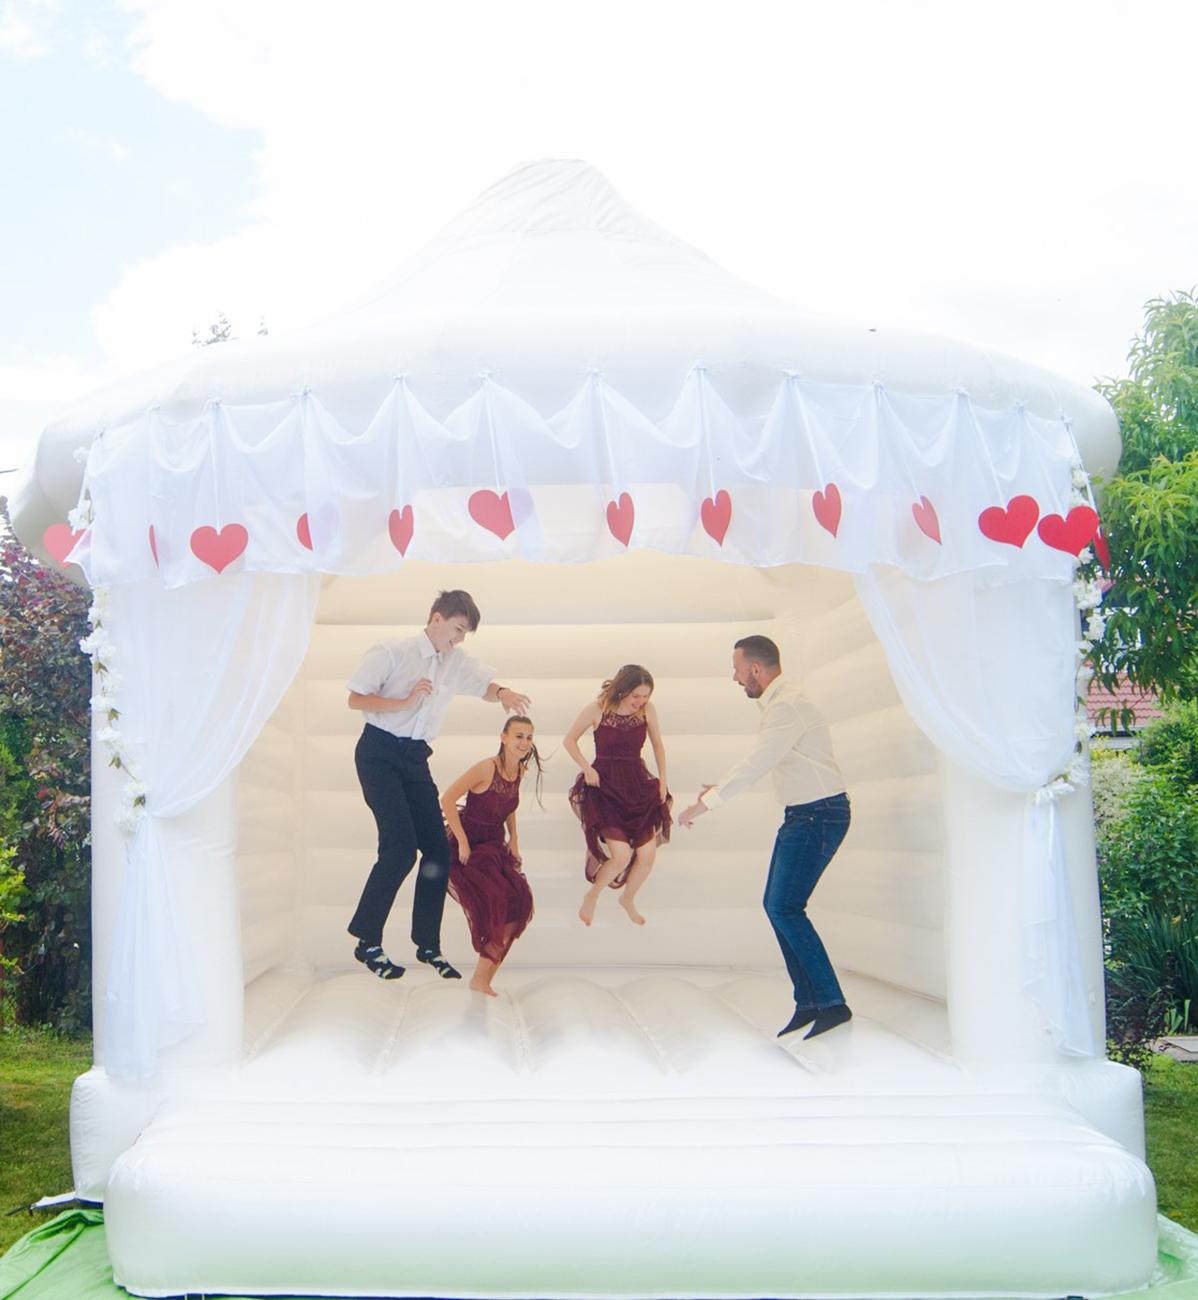 ugrálóvár, Bérelj ugrálóvárat az esküvődre – A vendégek szórakoztatásának mesterfoka az Ugorj a Fellegekbe! csapatánál kezdődik!